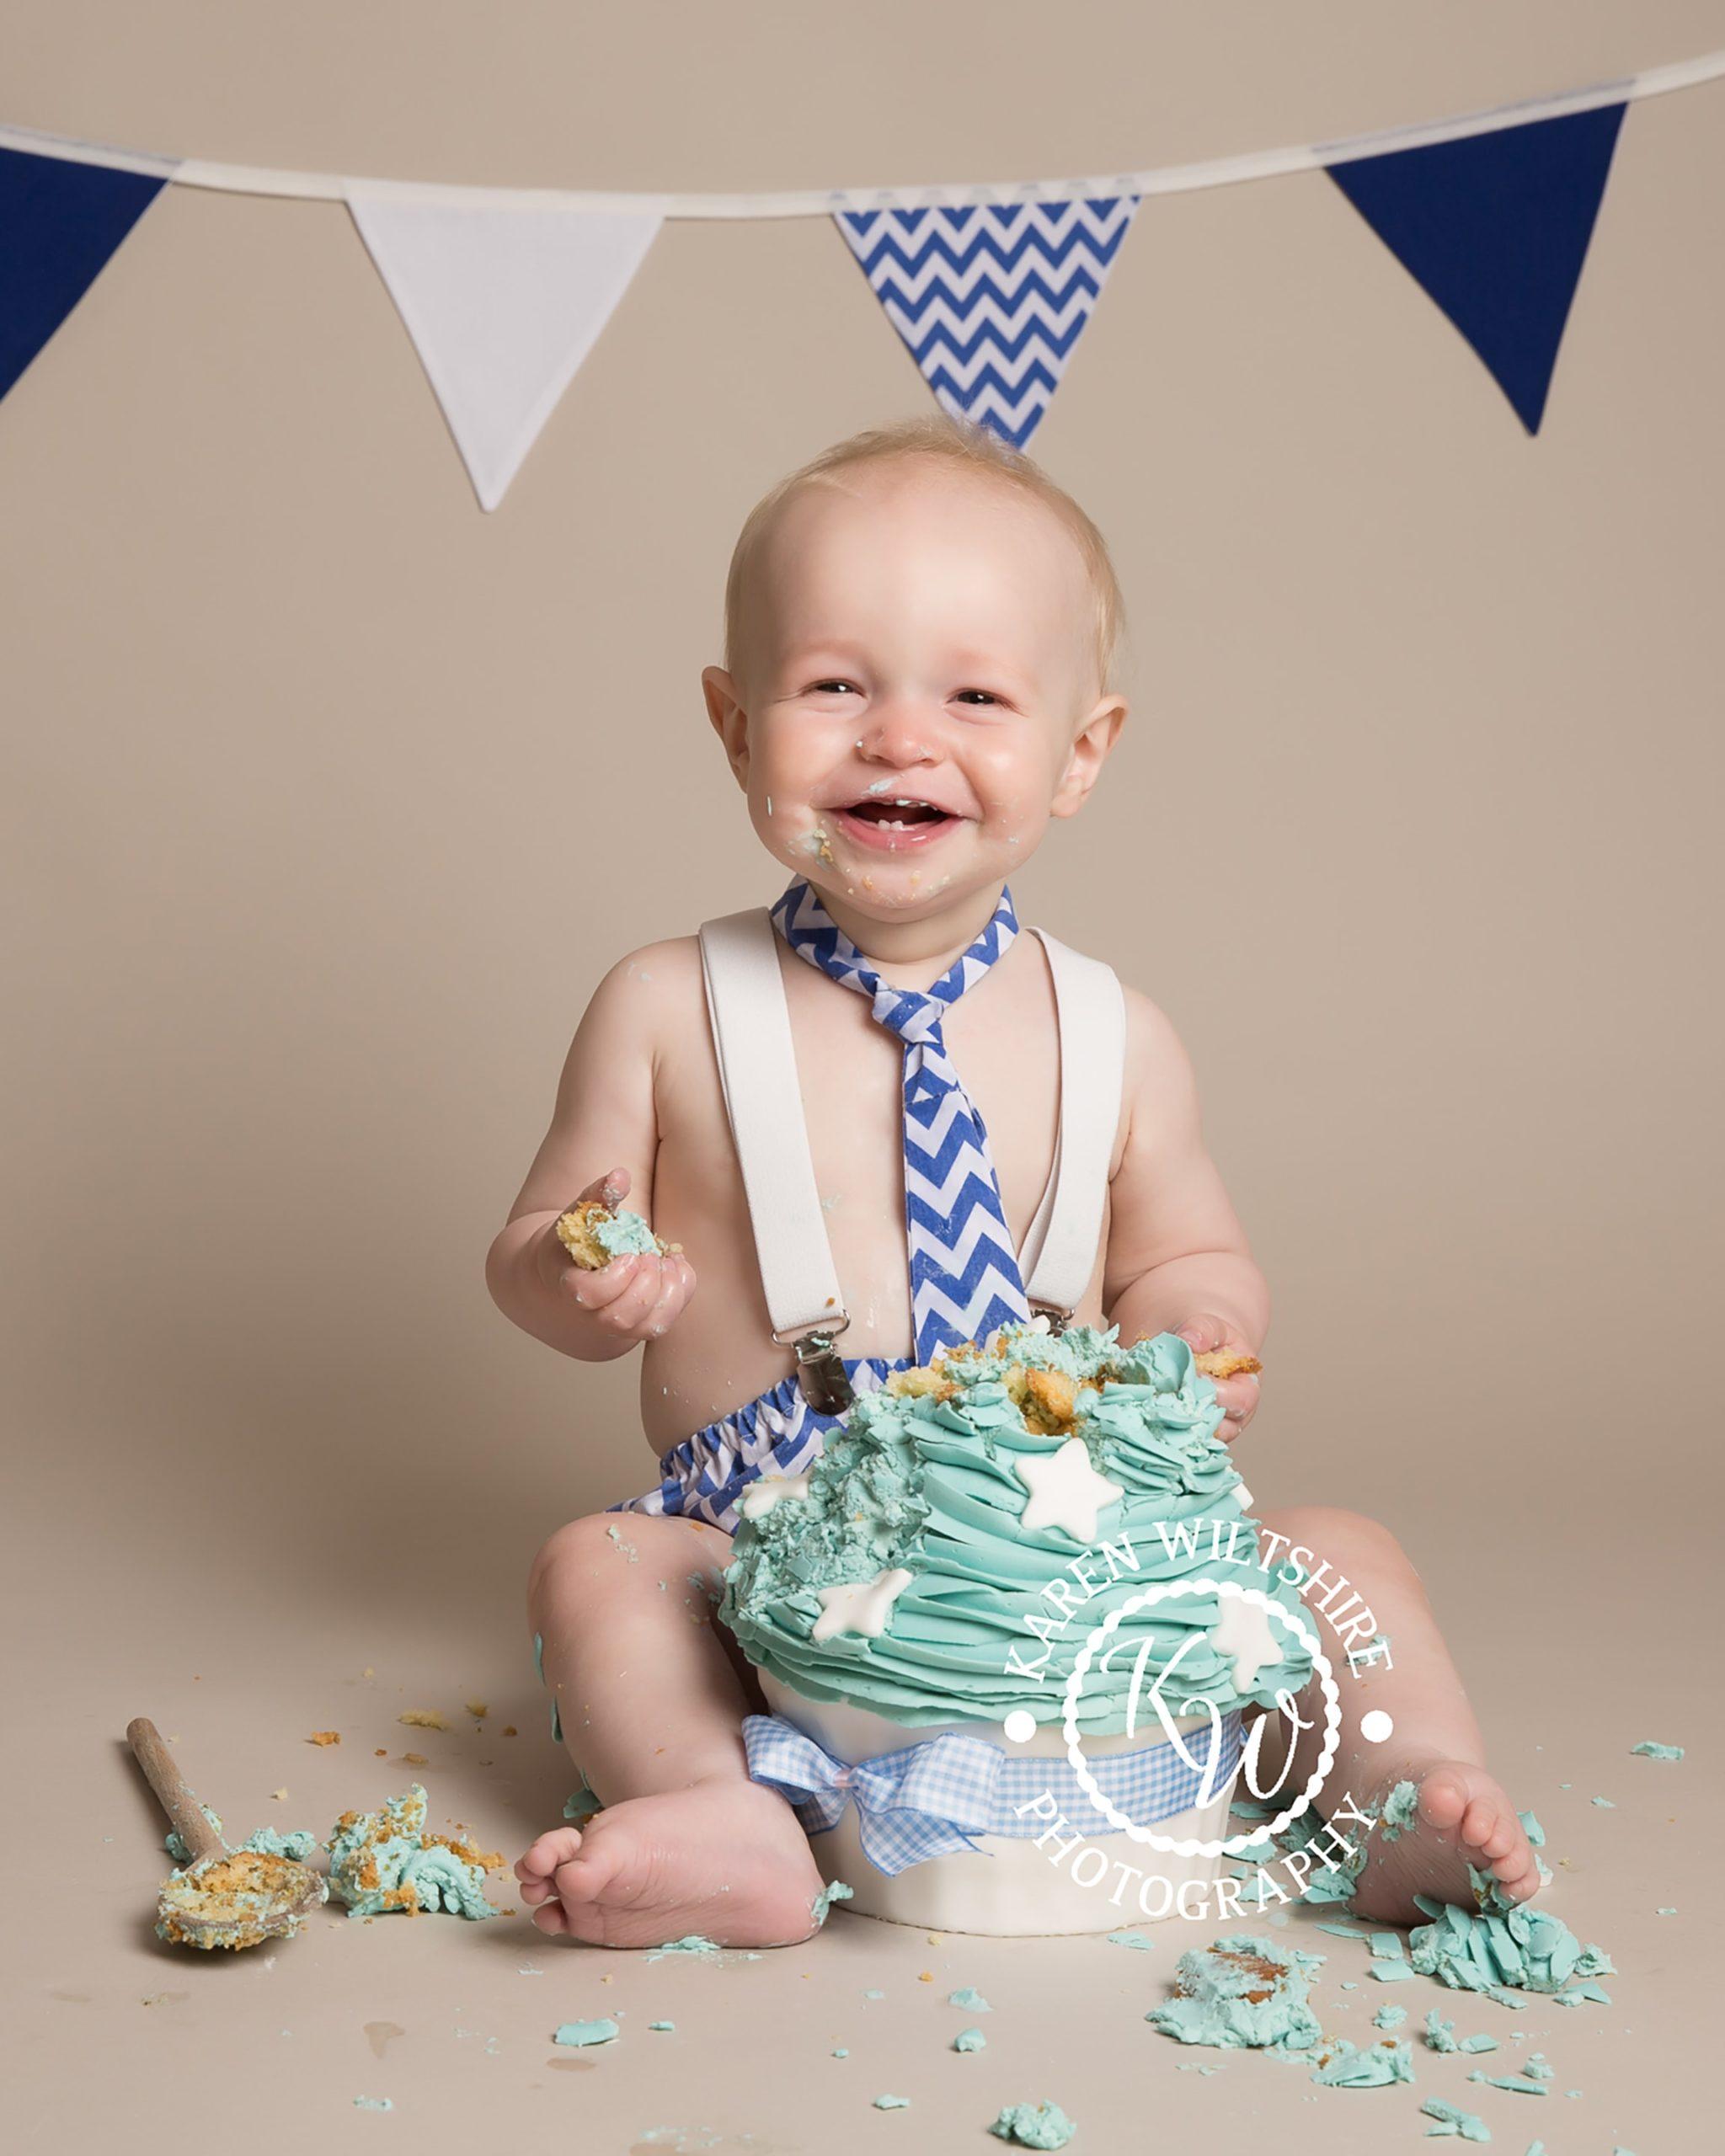 Smiling baby boy cake smash